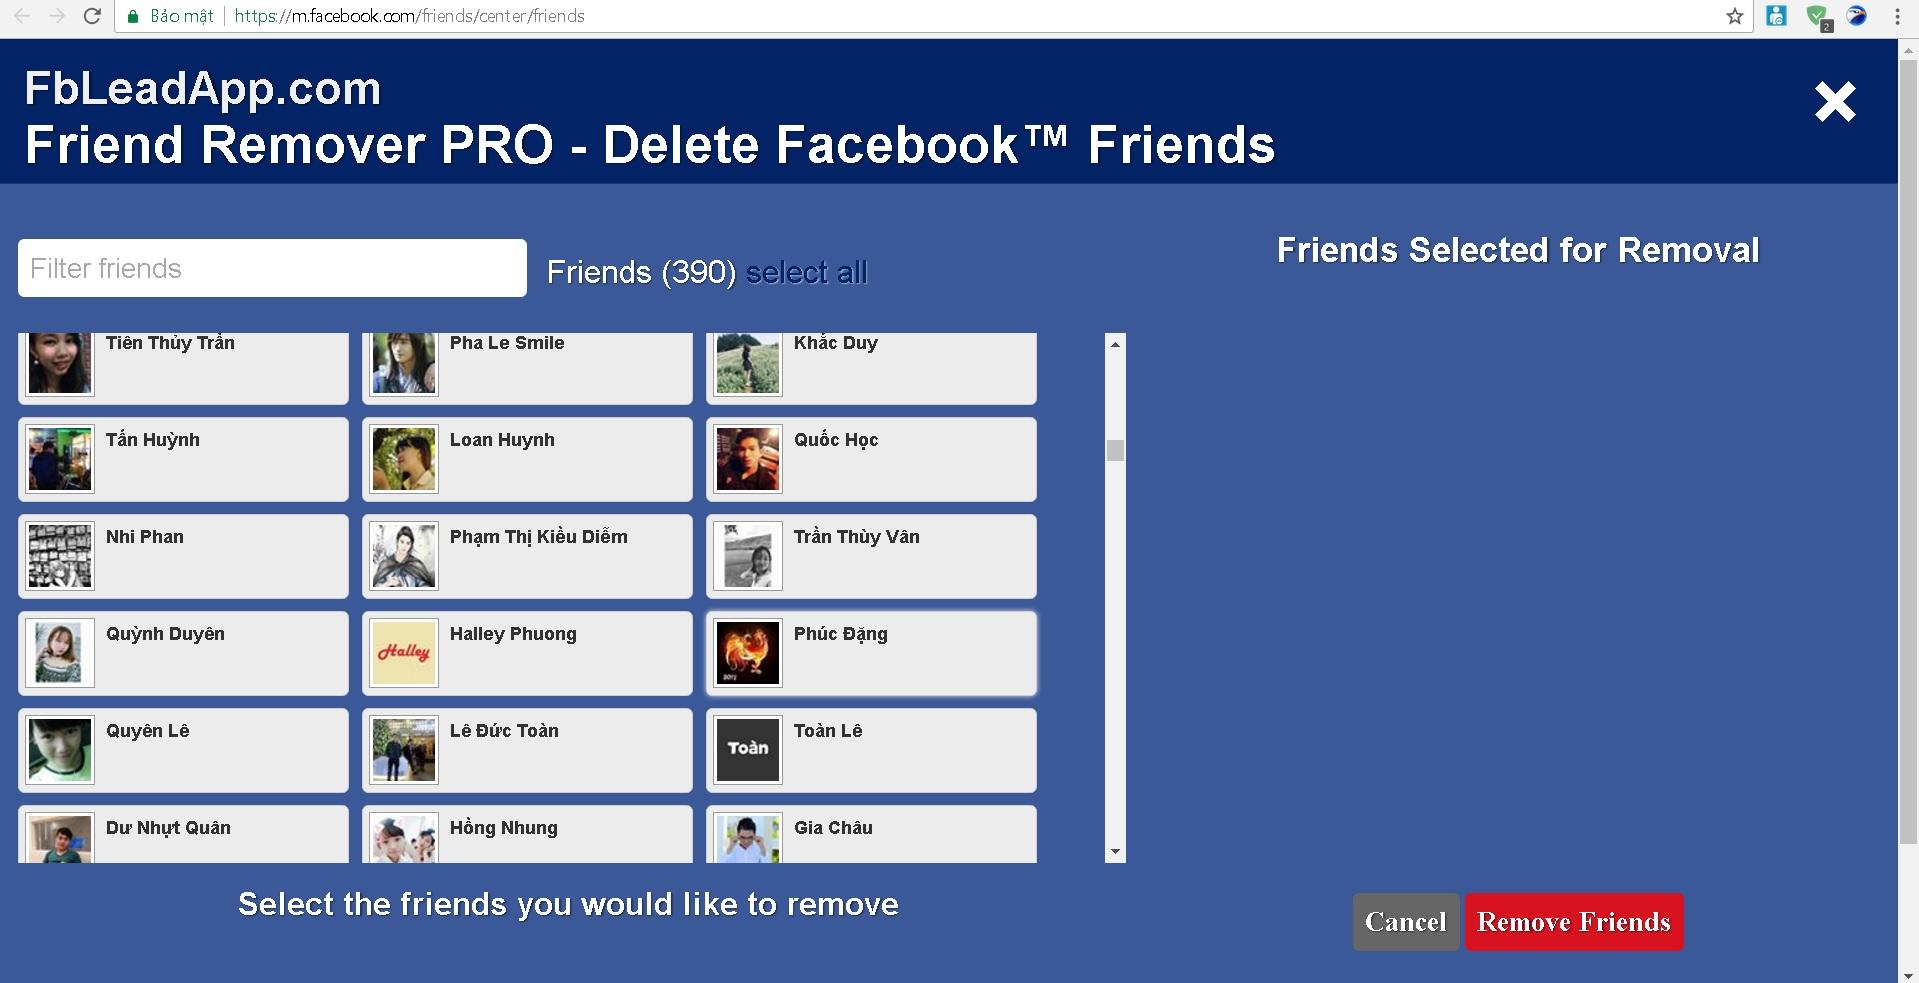 Hủy kết bạn hàng loạt với Friend Remover Pro trên Facebook